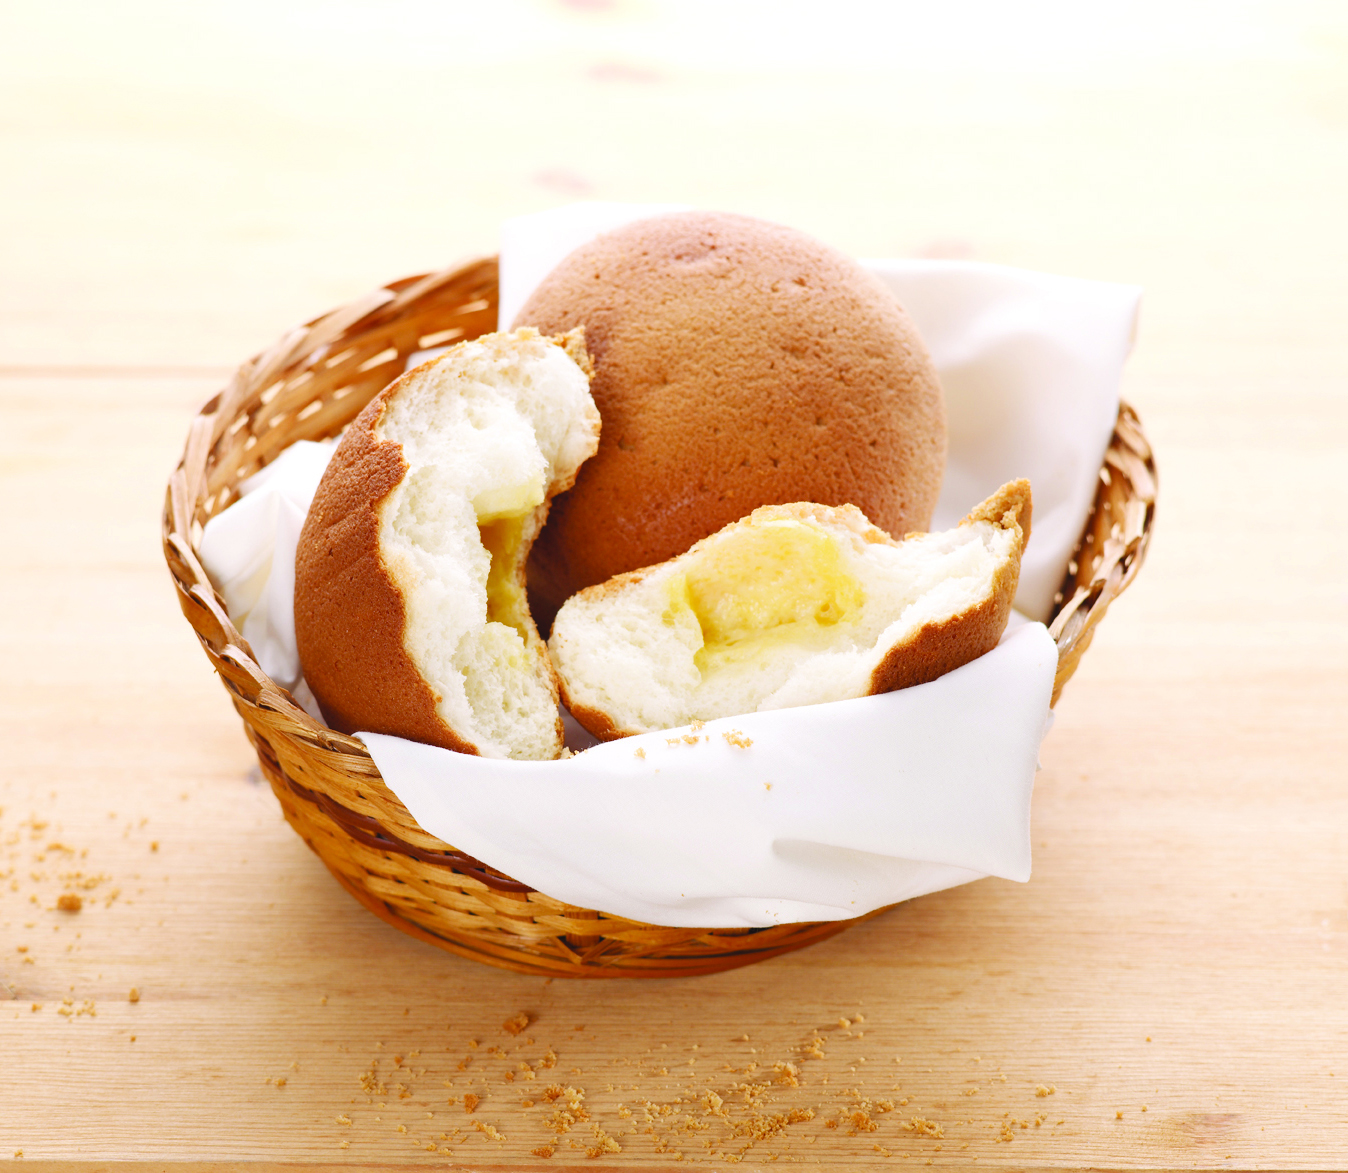 面包加盟店深受大众喜爱,它有怎样的吸引力?